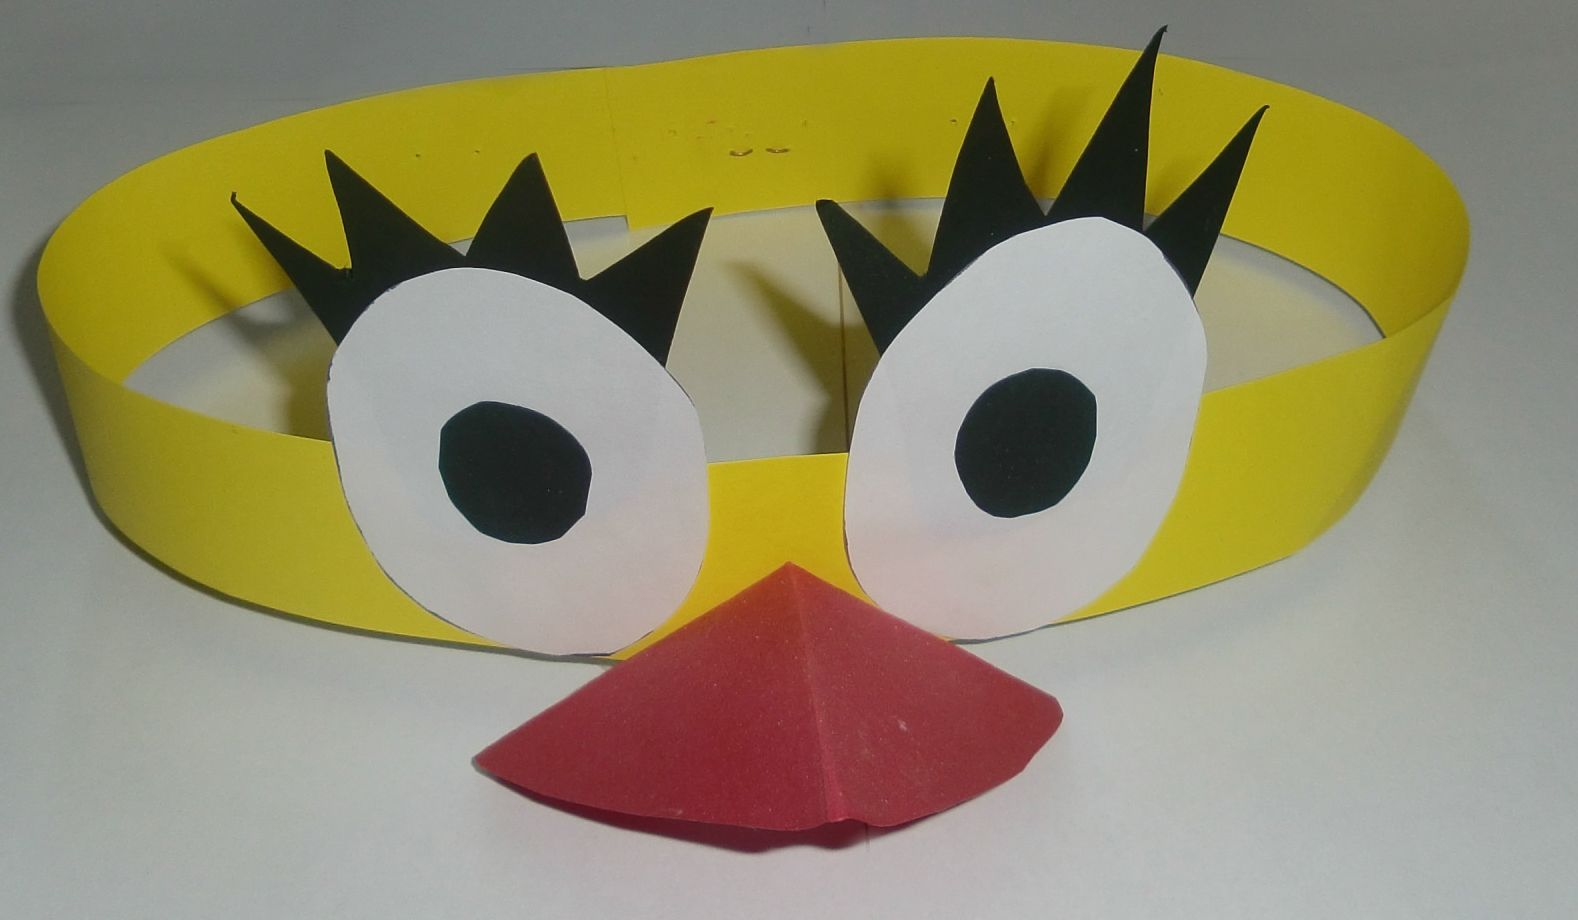 Recursos Y Actividades Para Educación Infantil Manualidades De Aves Pájaros Gallinas Pollitos Manualidades Viceras De Animales Manualidades Para Abril